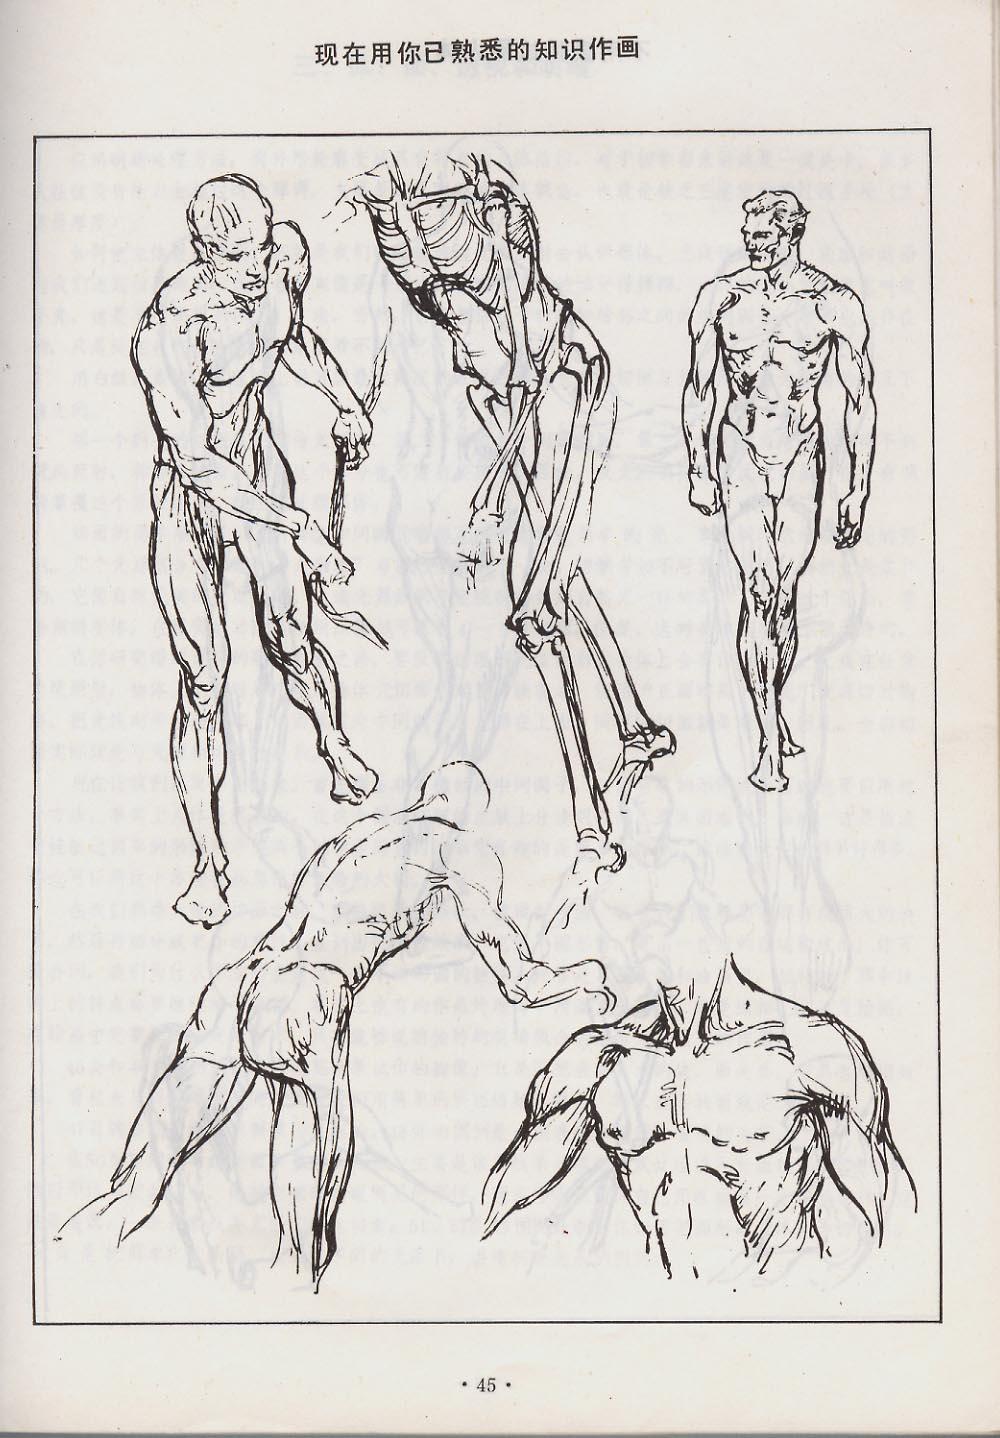 伯里曼结构速写-人体素描 汉语版